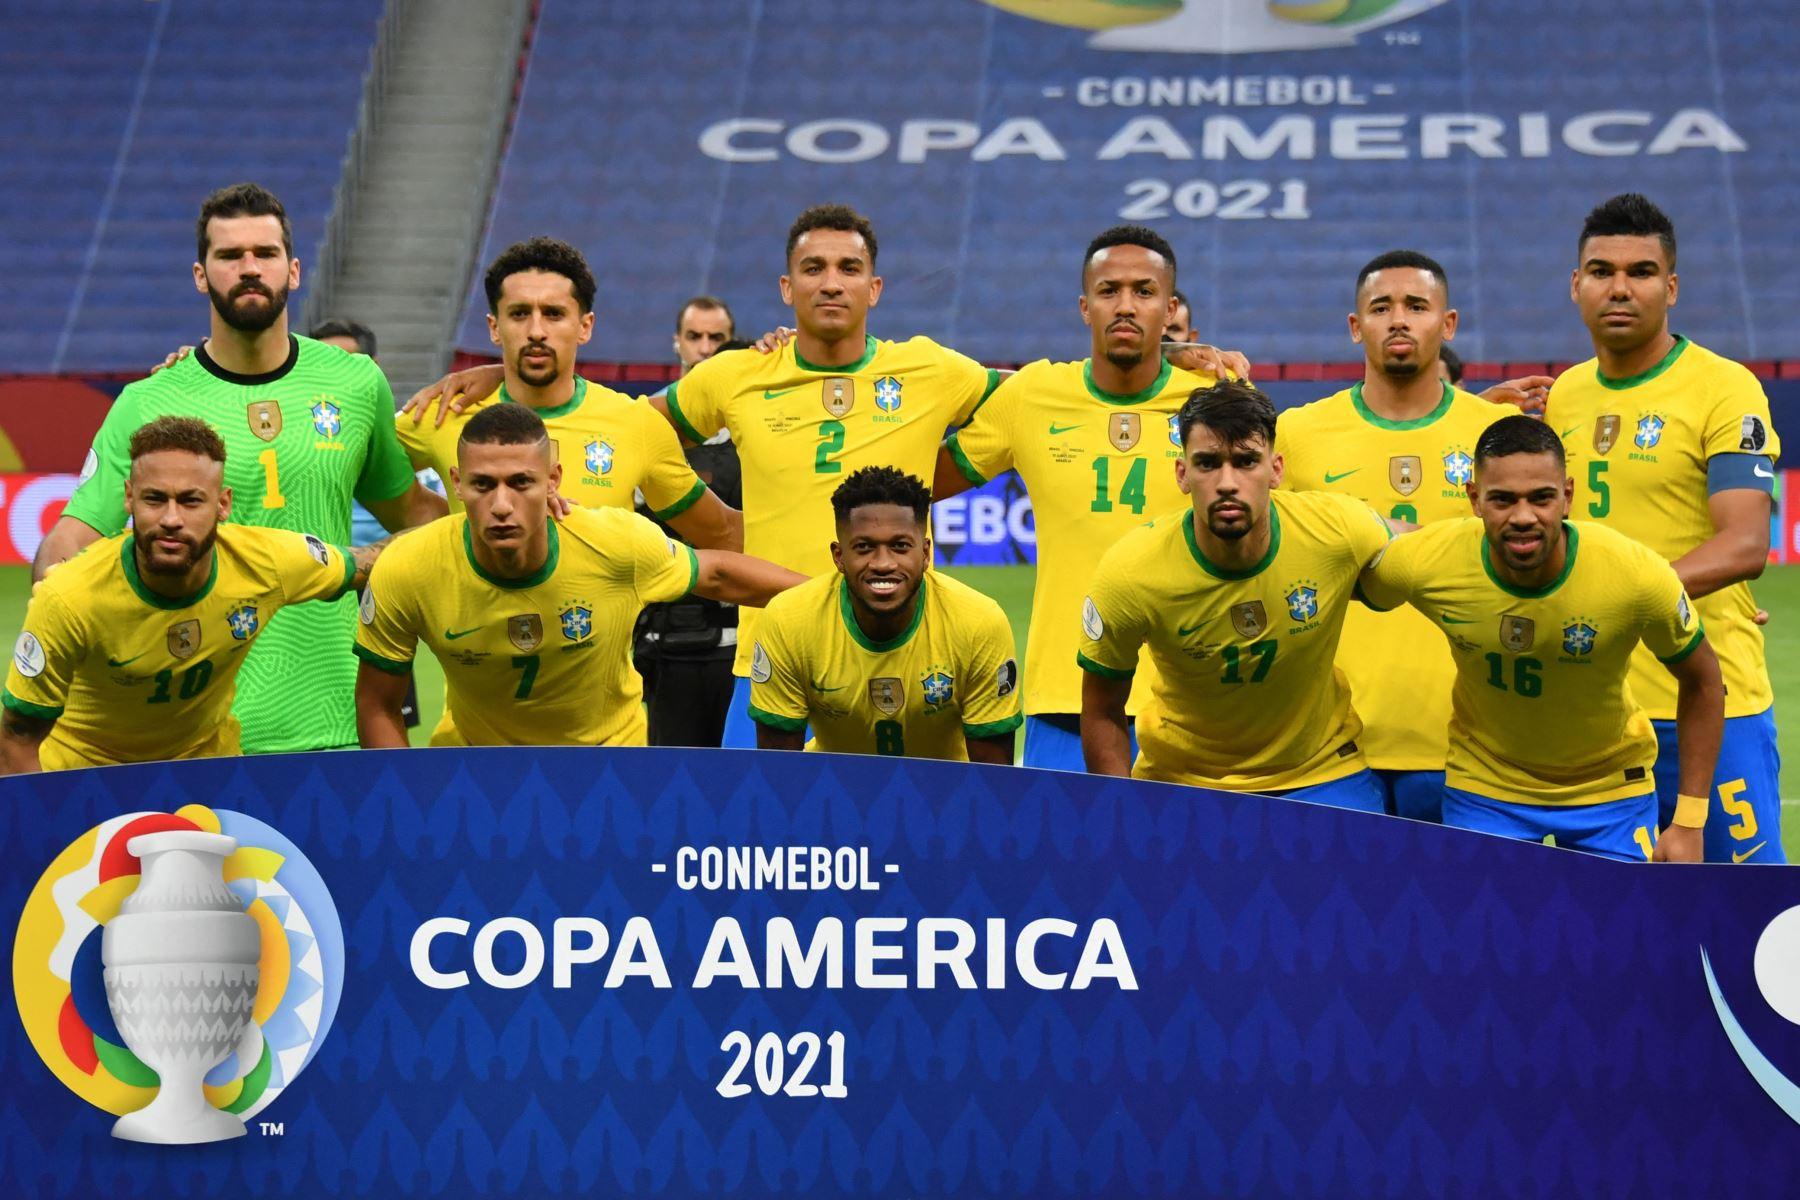 La selección brasileña de fútbol posa antes del partido de la fase de grupos del torneo de fútbol Conmebol Copa América 2021 entre Brasil y Venezuela en el estadio Mane Garrincha de Brasilia. Foto: AFP